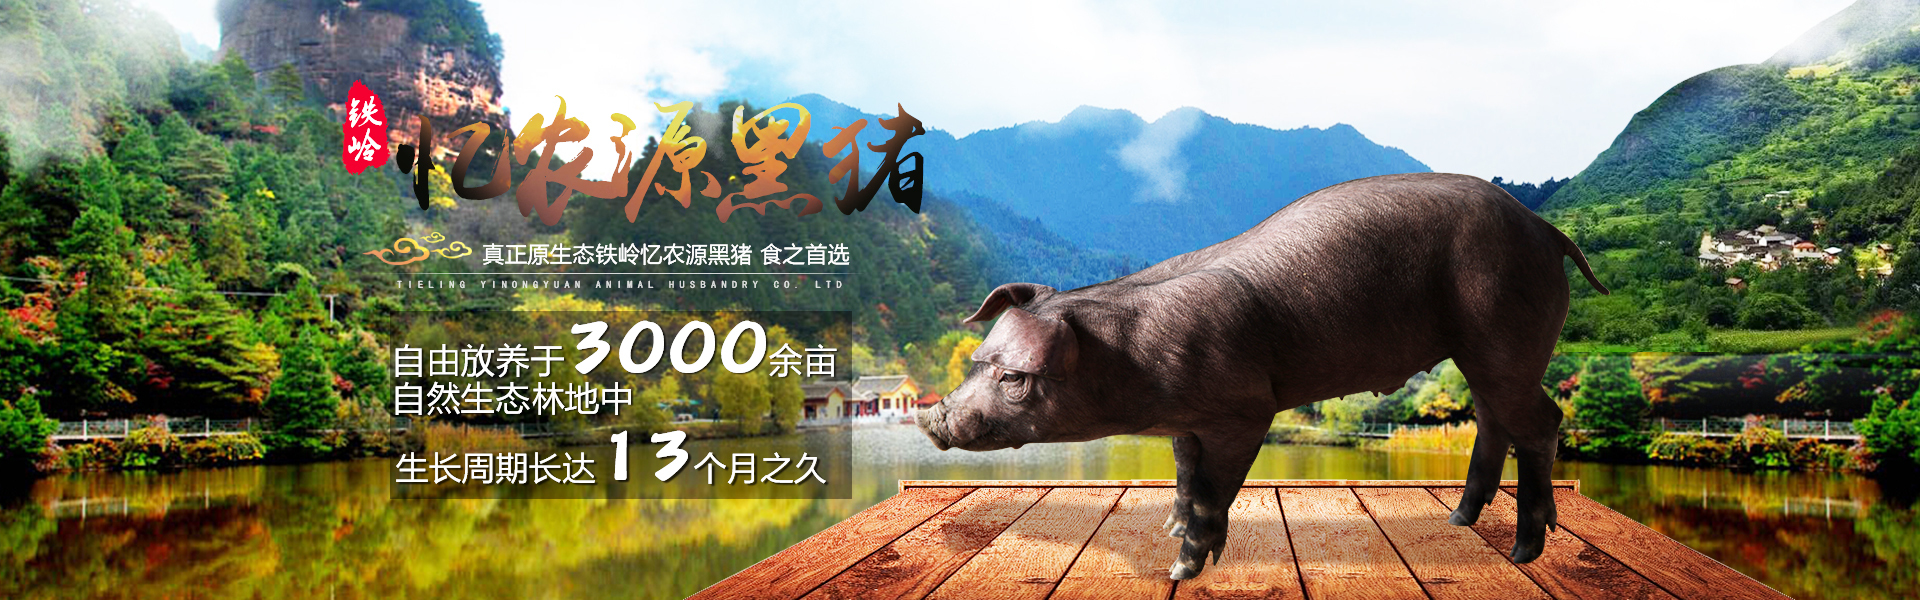 辽宁黑猪,辽宁散养黑猪,散养土鸡,辽宁山黑猪,忆农源黑猪,散养鸡